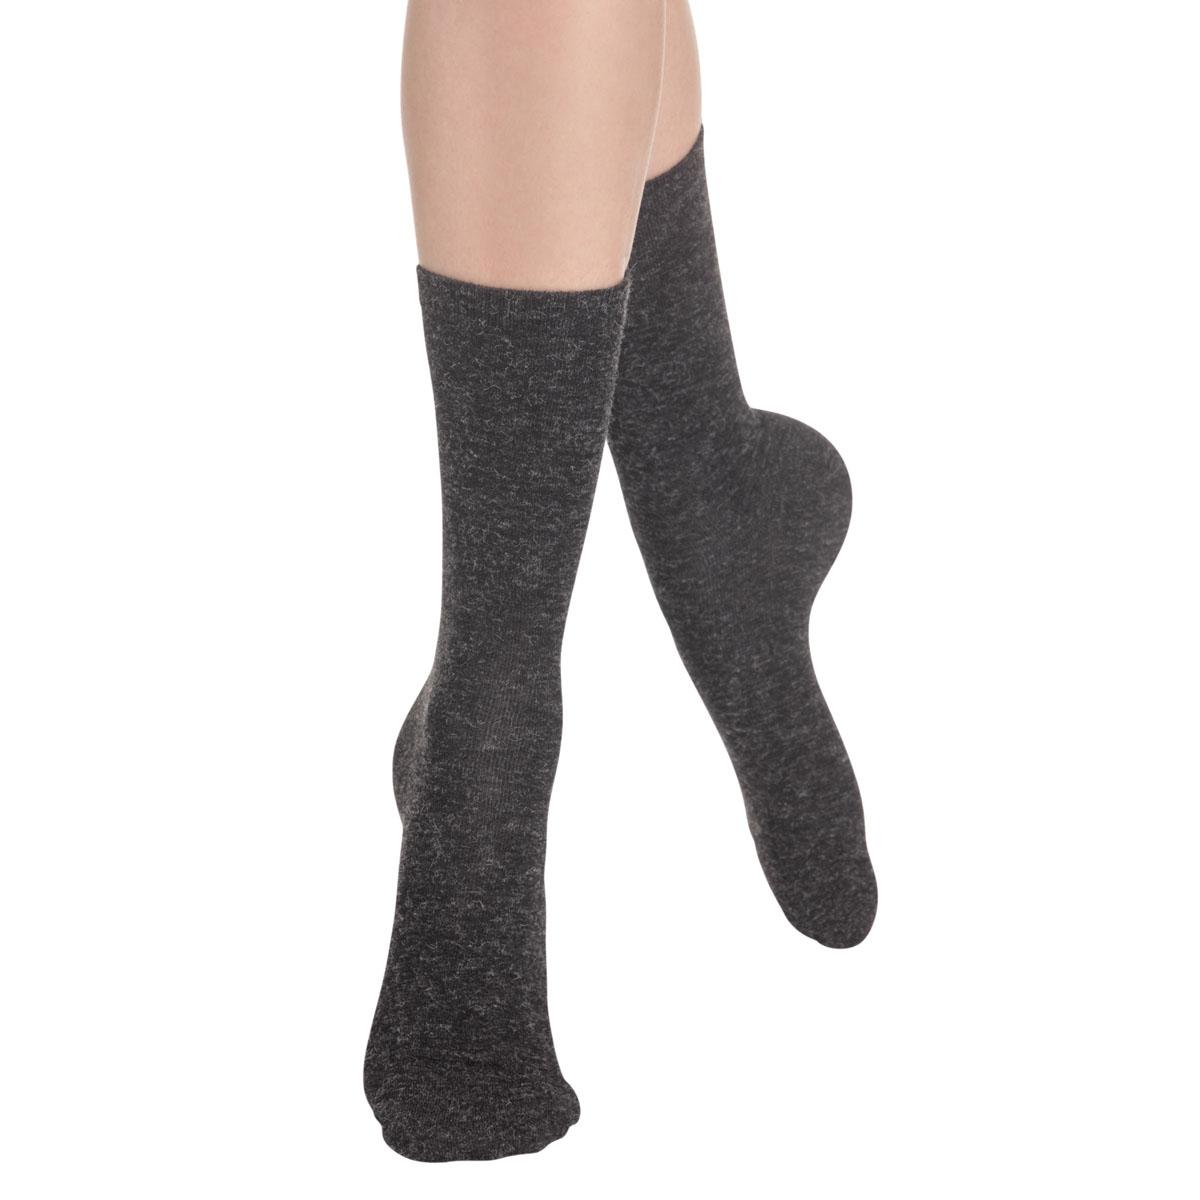 Chaussettes unies en laine douce - DIM - Modalova